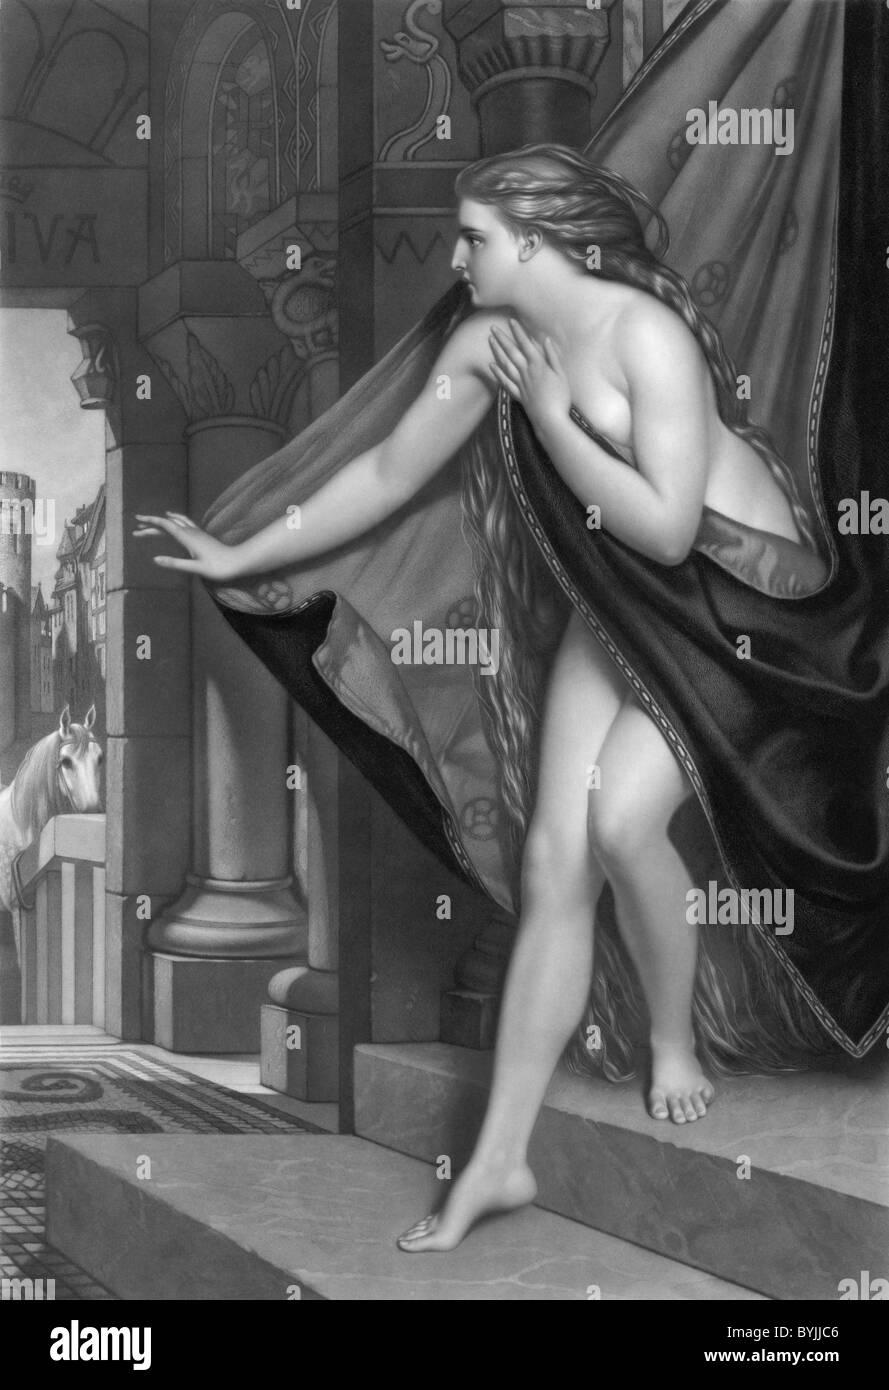 Nudo Ladies nudo nero lesbica scoreggia